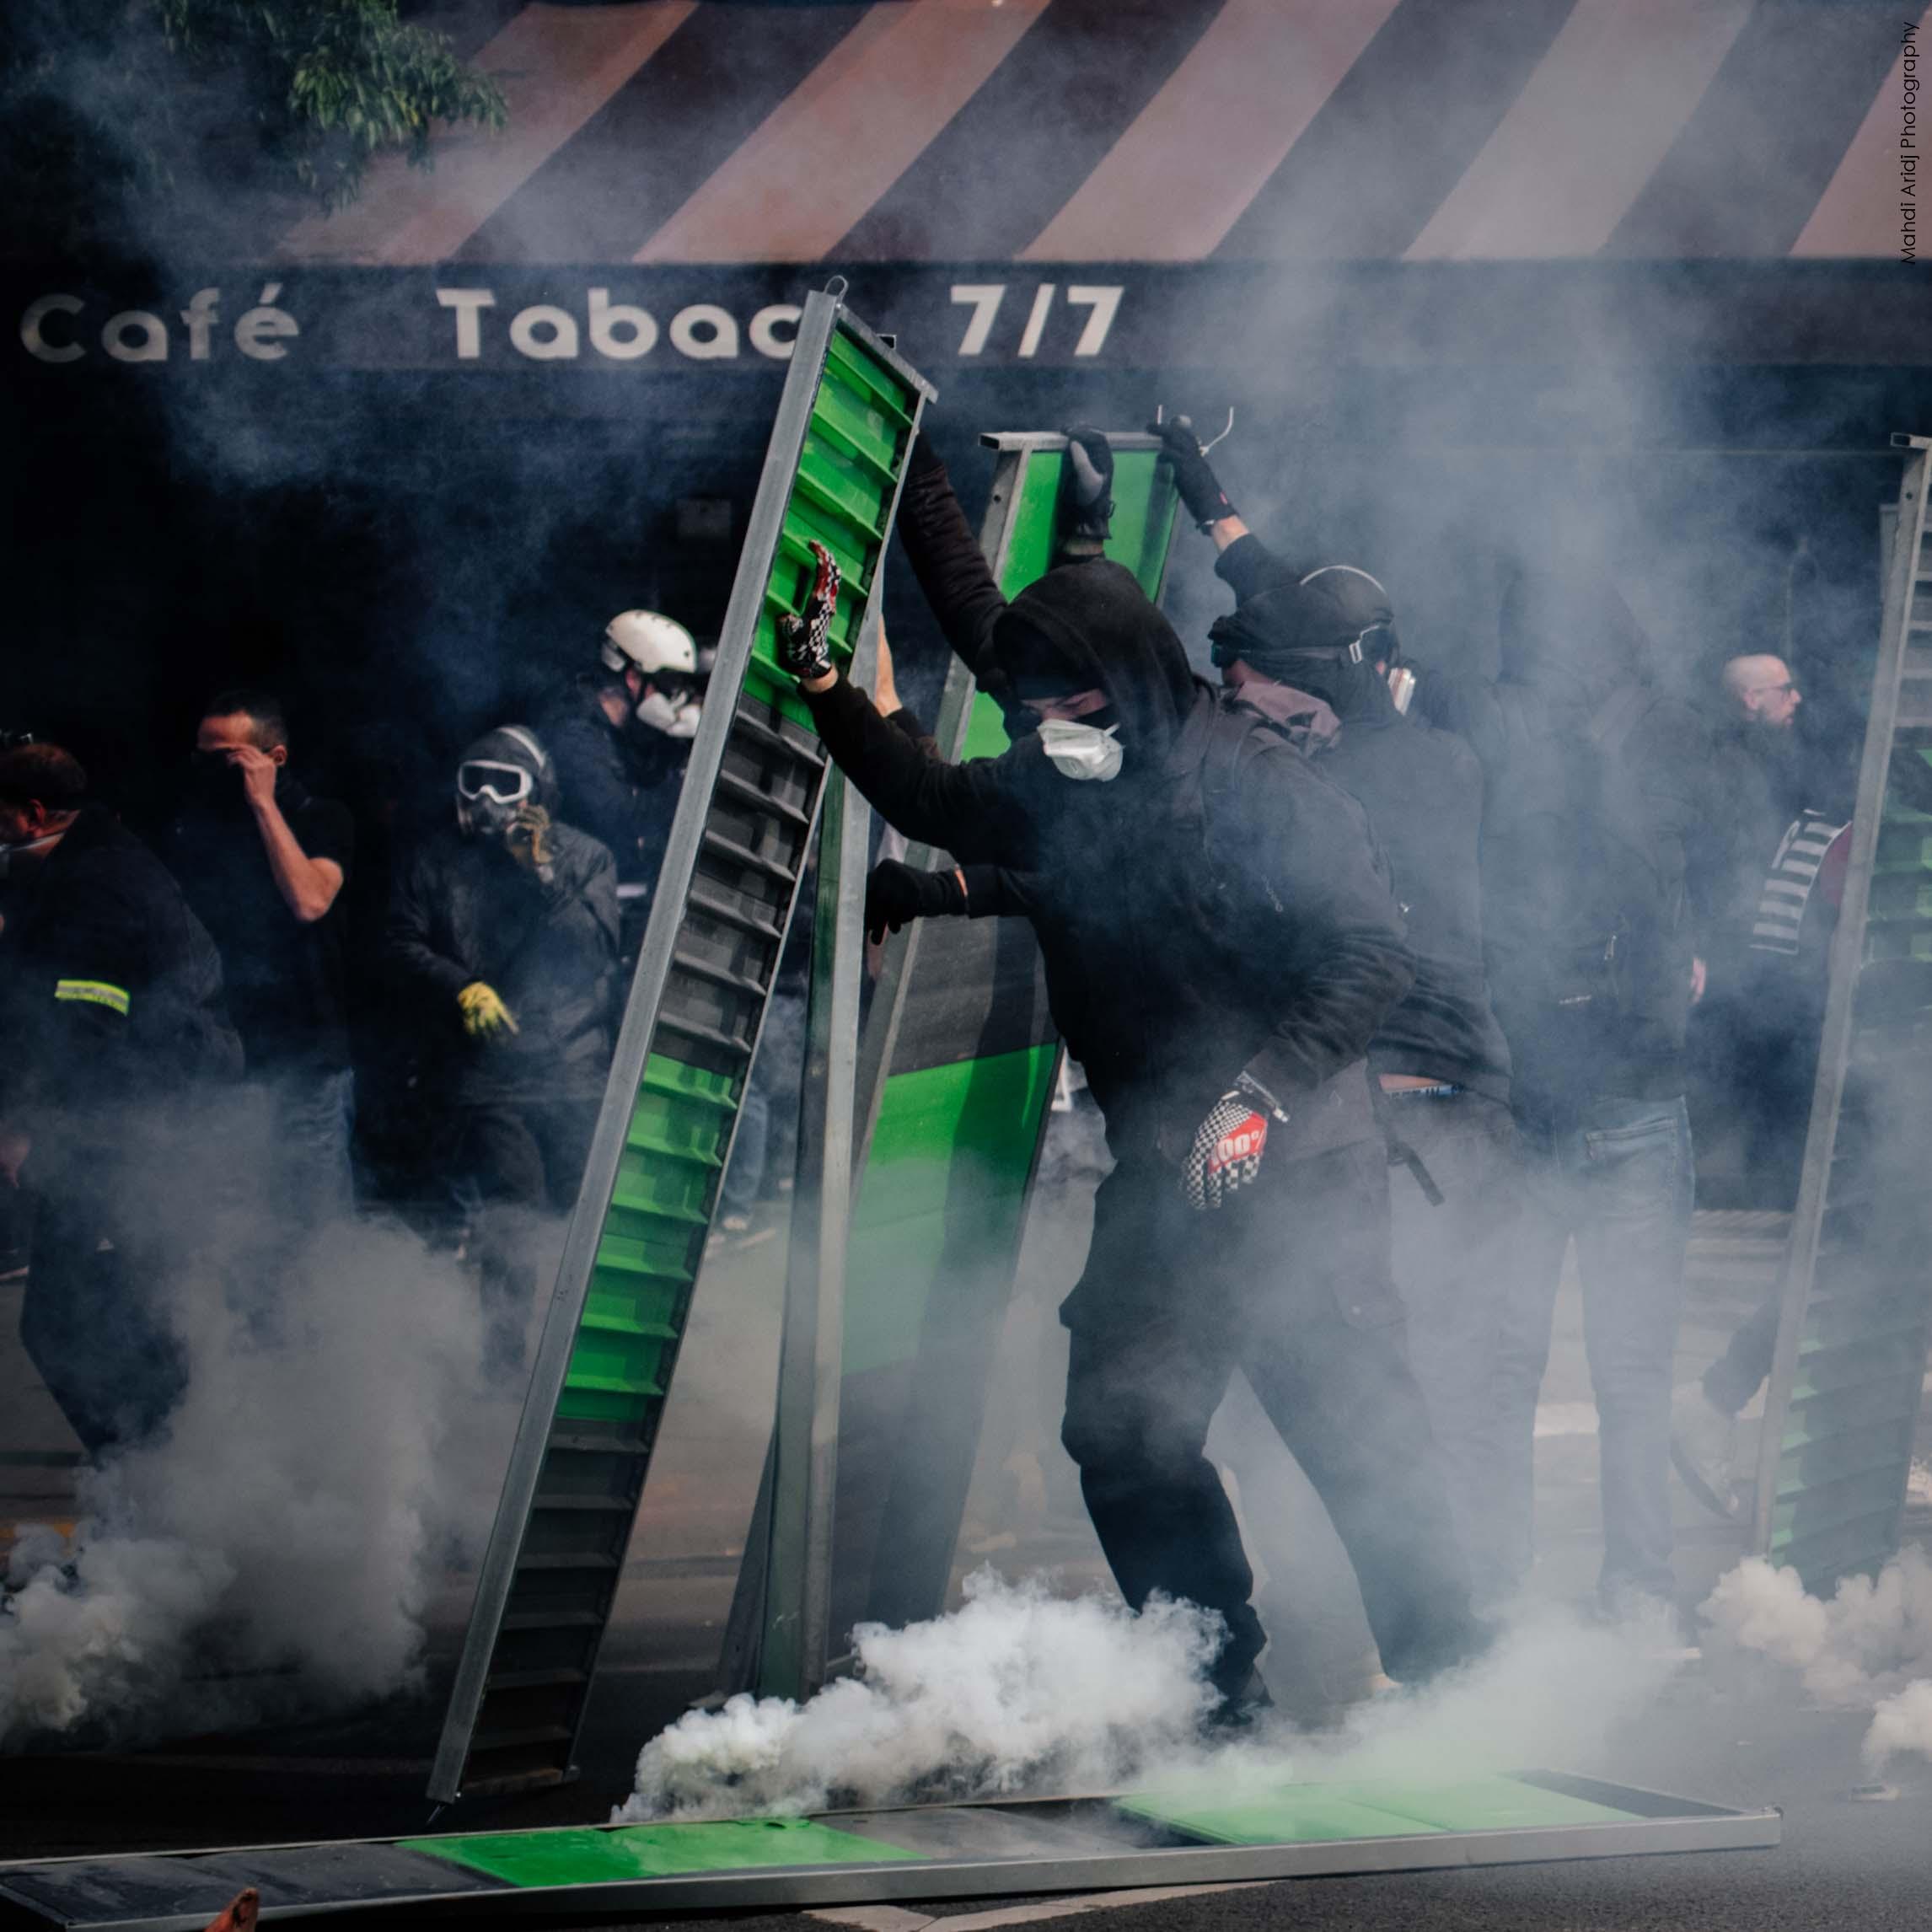 Les photos de la manifestation du 1er Mai 2019 à Paris - Pictures of the Paris May Day protests 2019